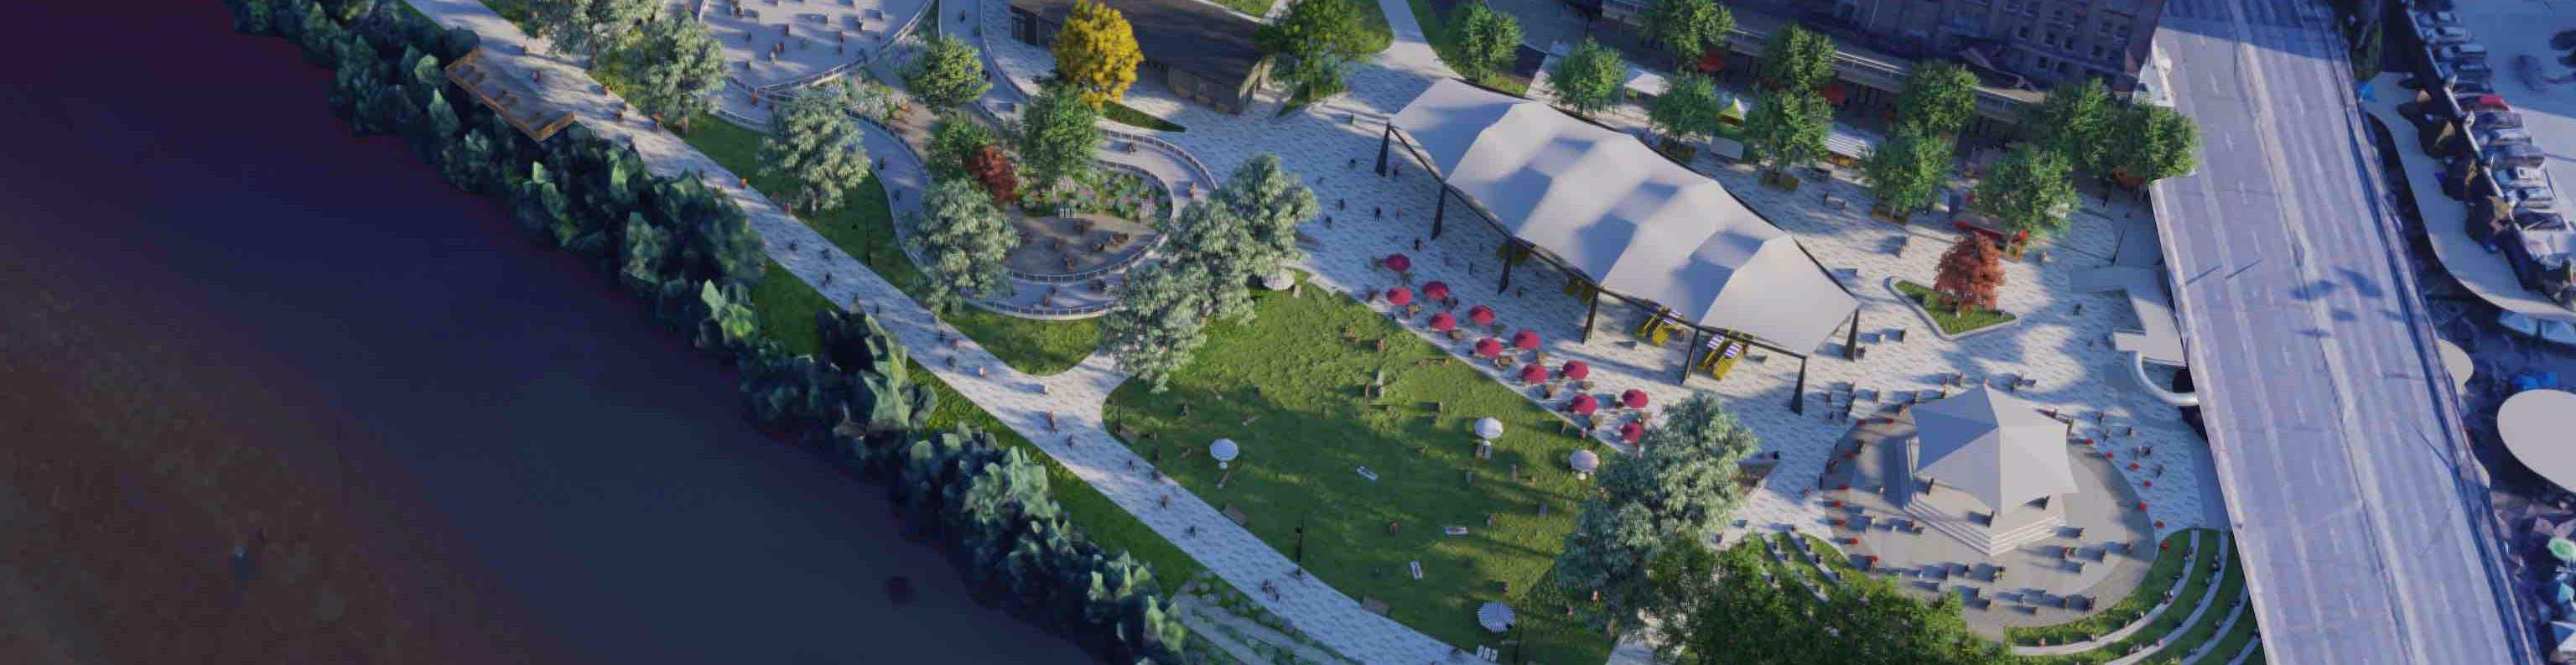 A Grand Vision for Caras Park